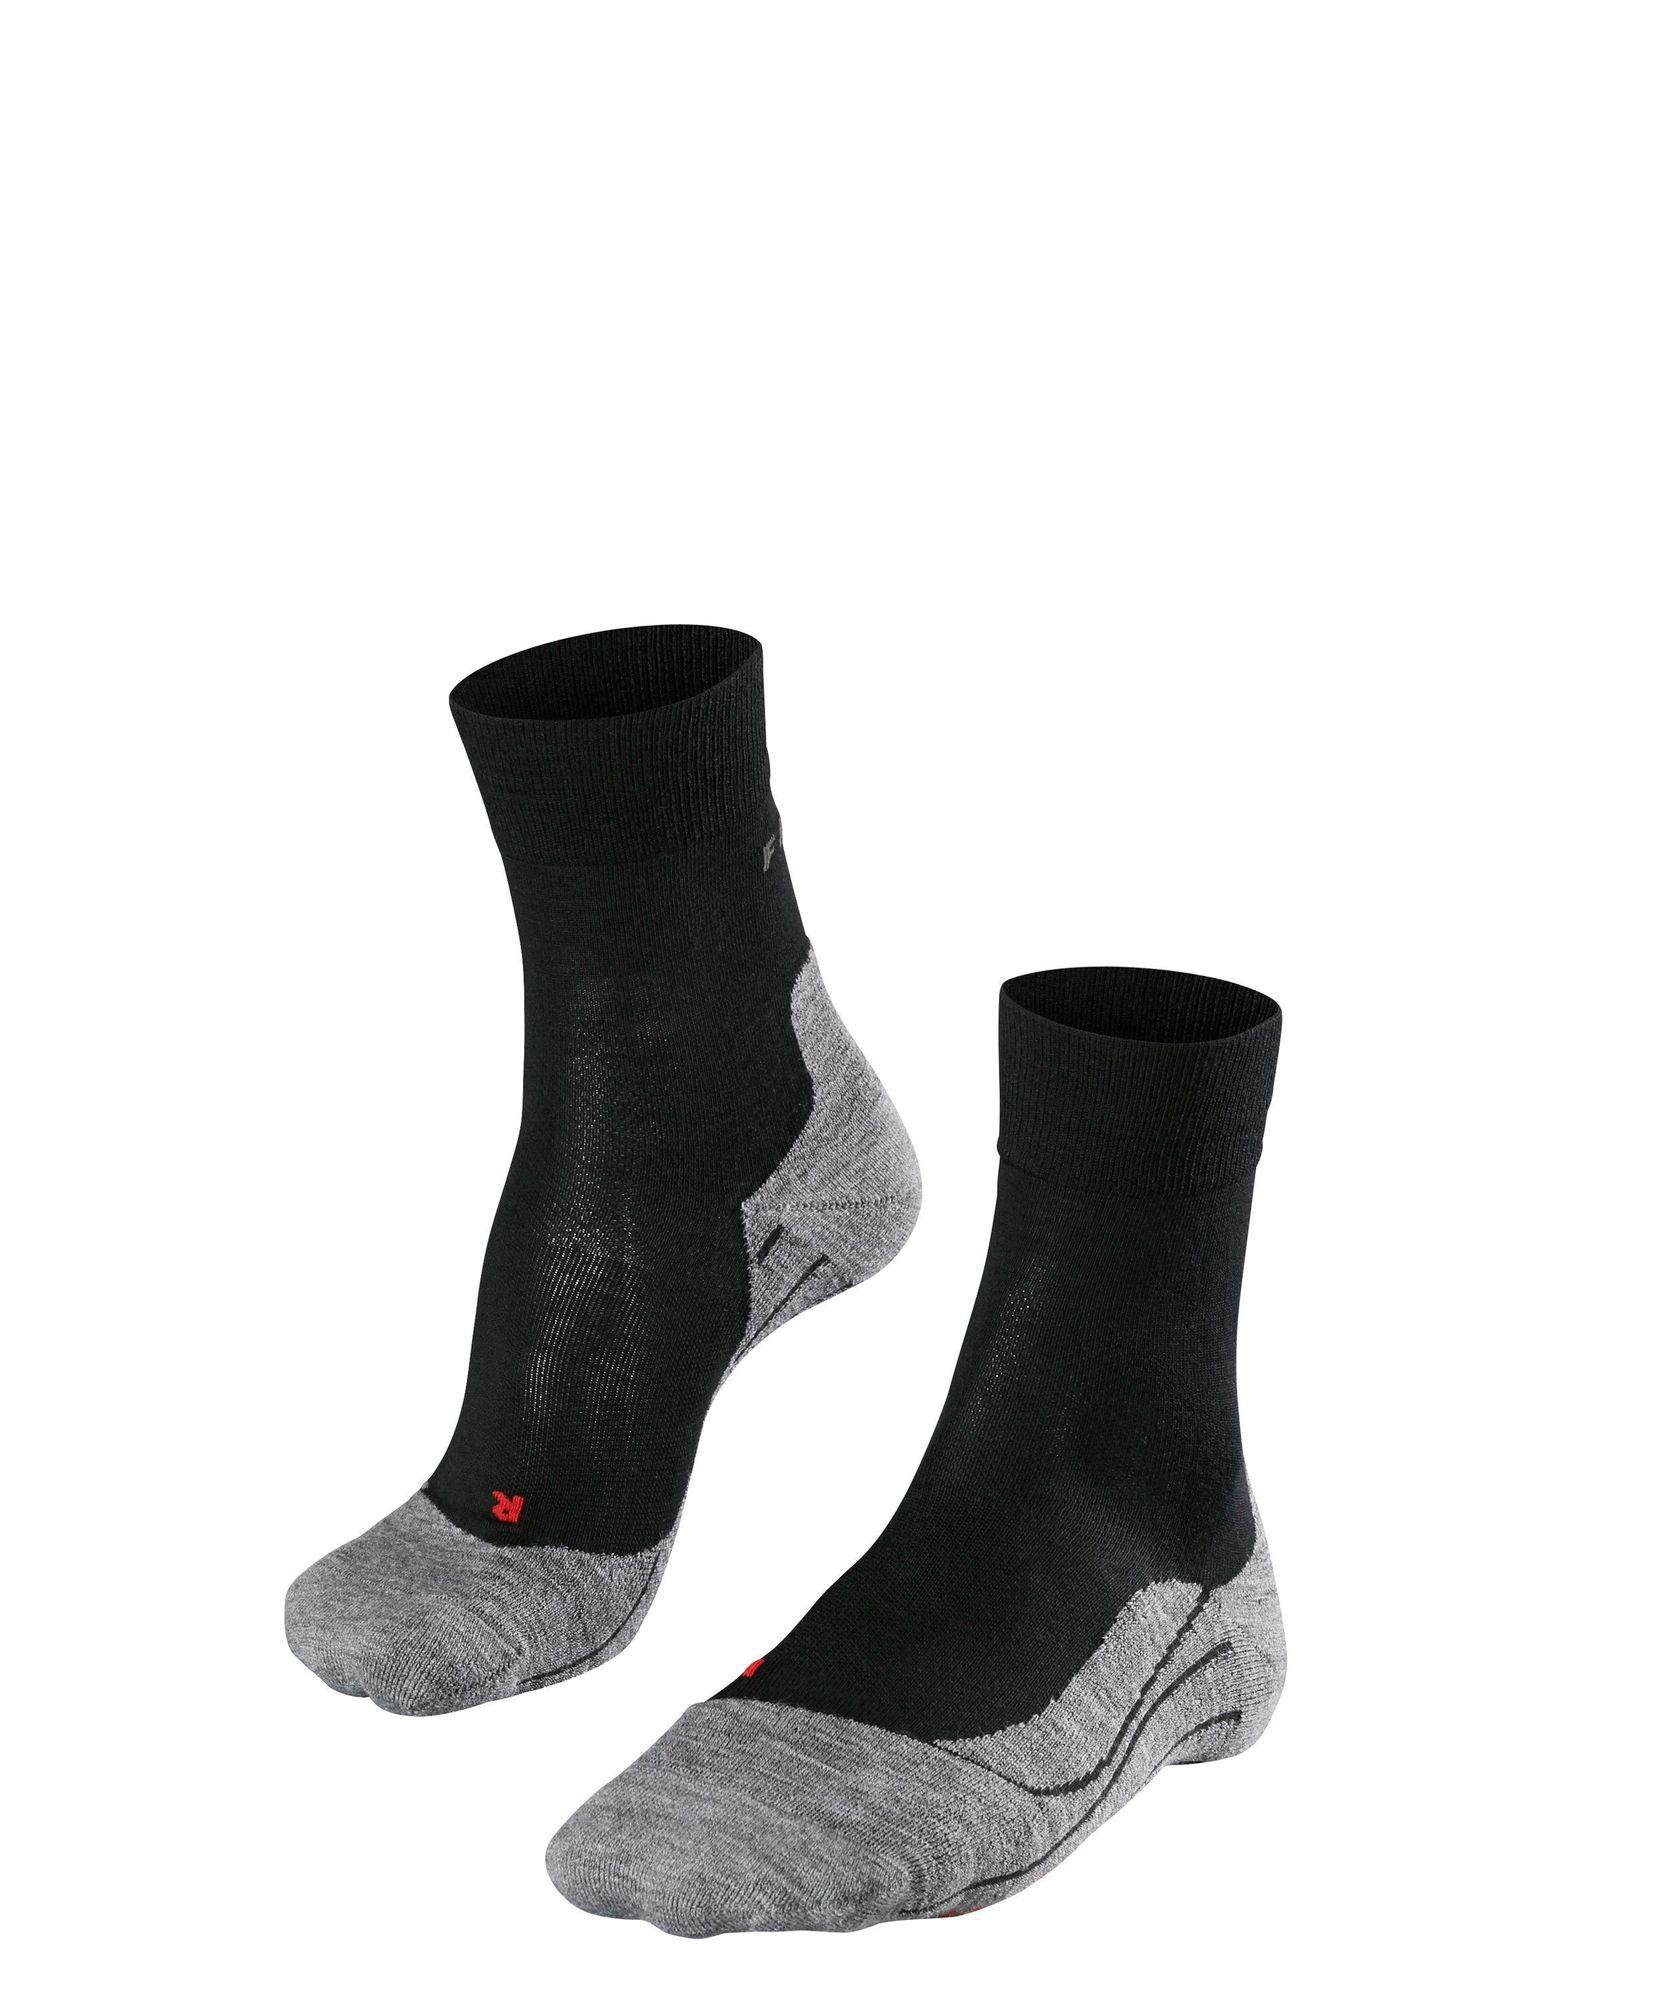 Falke RU4 Wool Damen (Schwarz)